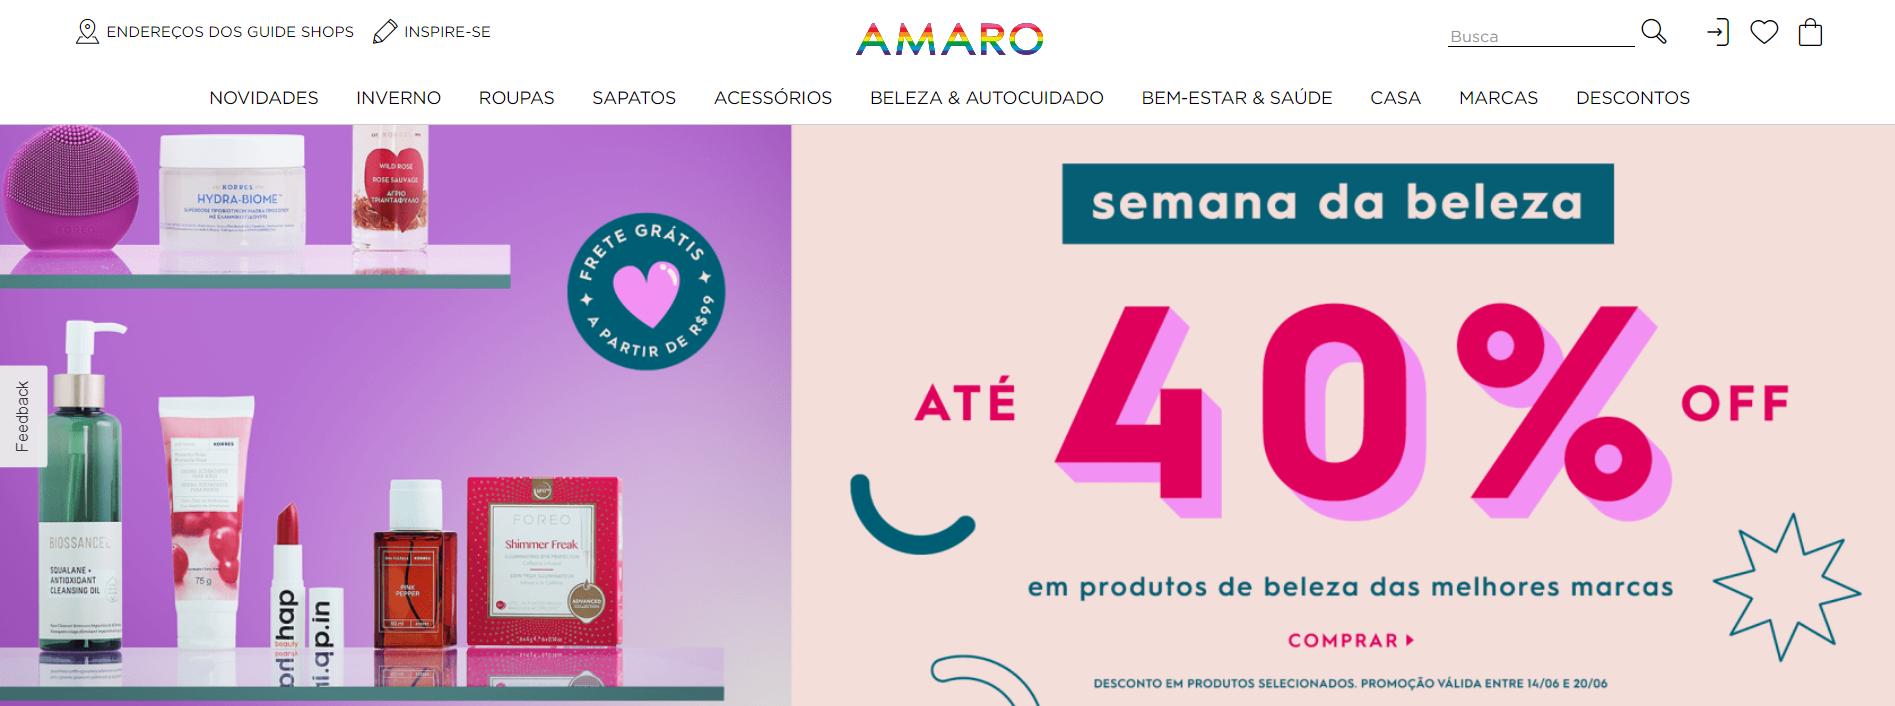 Ideias e frases para atrair clientes - Promoção da Amaro